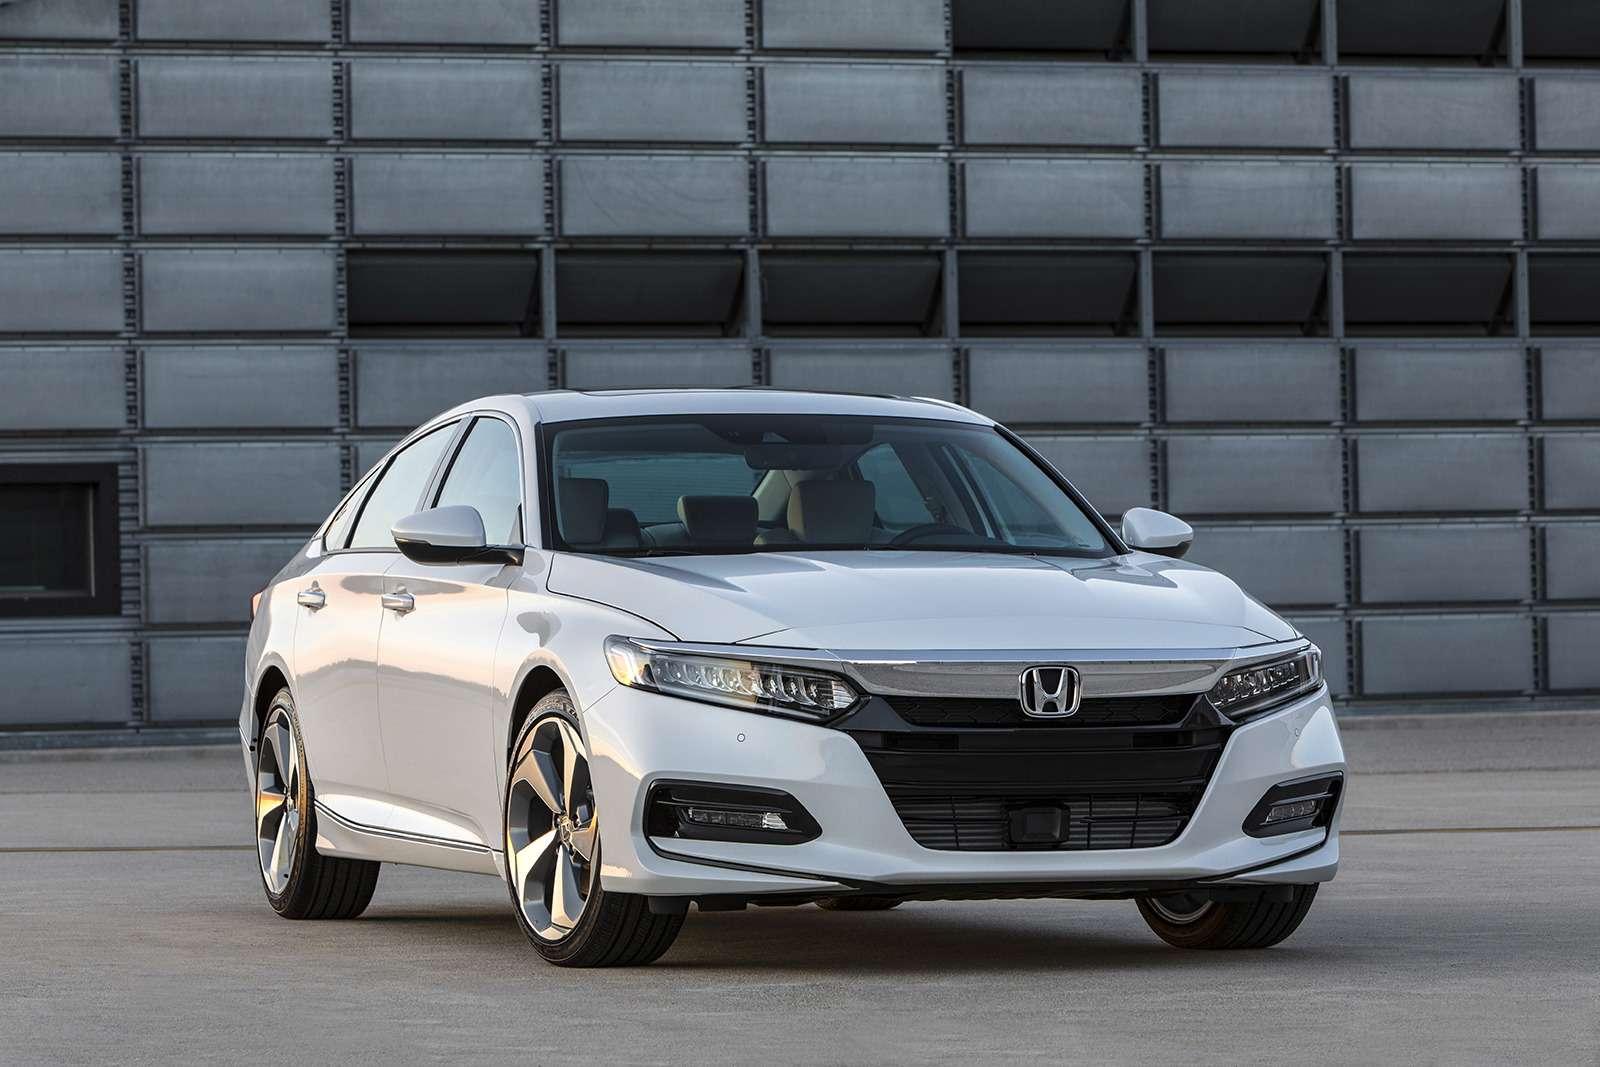 Honda показала конкурента Тойоты Камри. Появится ли онунас?— фото 774918